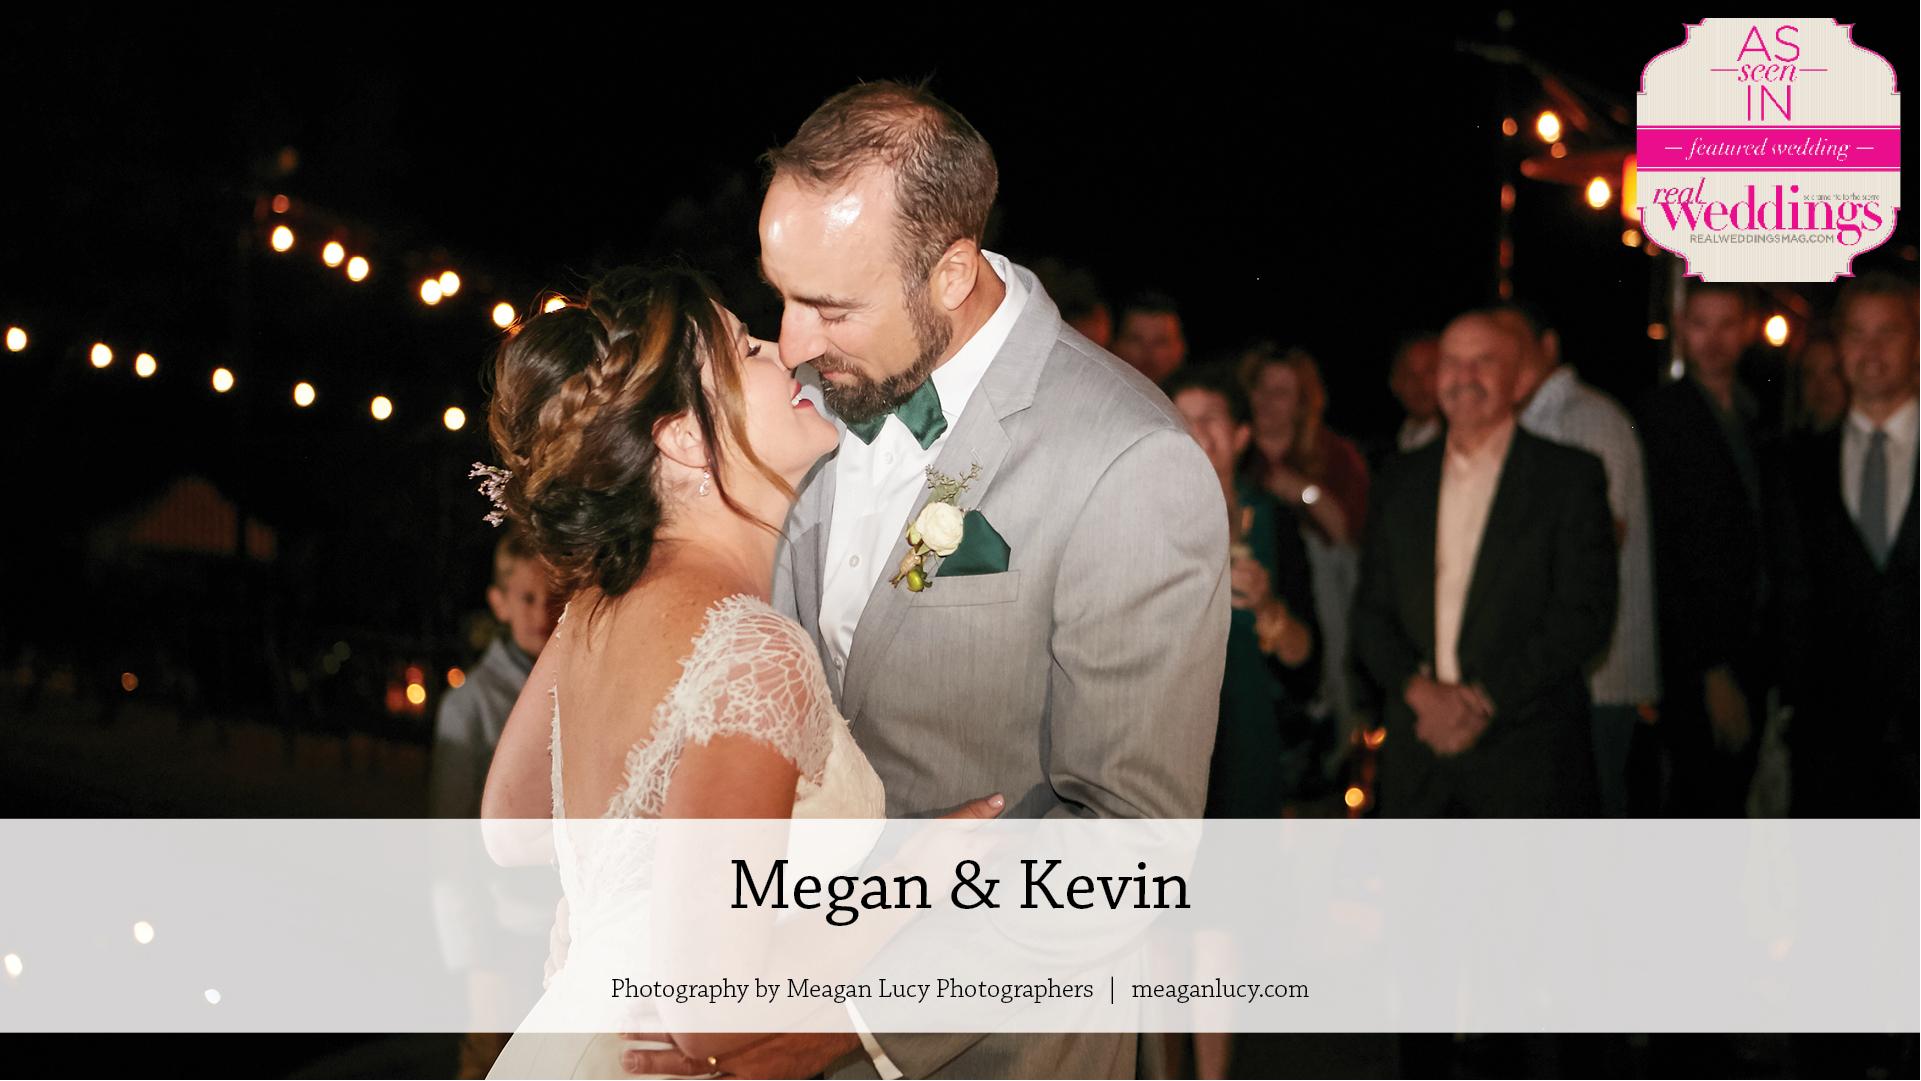 Sacramento Wedding Photographer | Sacramento Wedding Photography | Lake Tahoe Wedding Photographer | Northern California Wedding Photographer | Sacramento Weddings | Lake Tahoe Weddings | Nor Cal Weddings | Shingle Springs Wedding